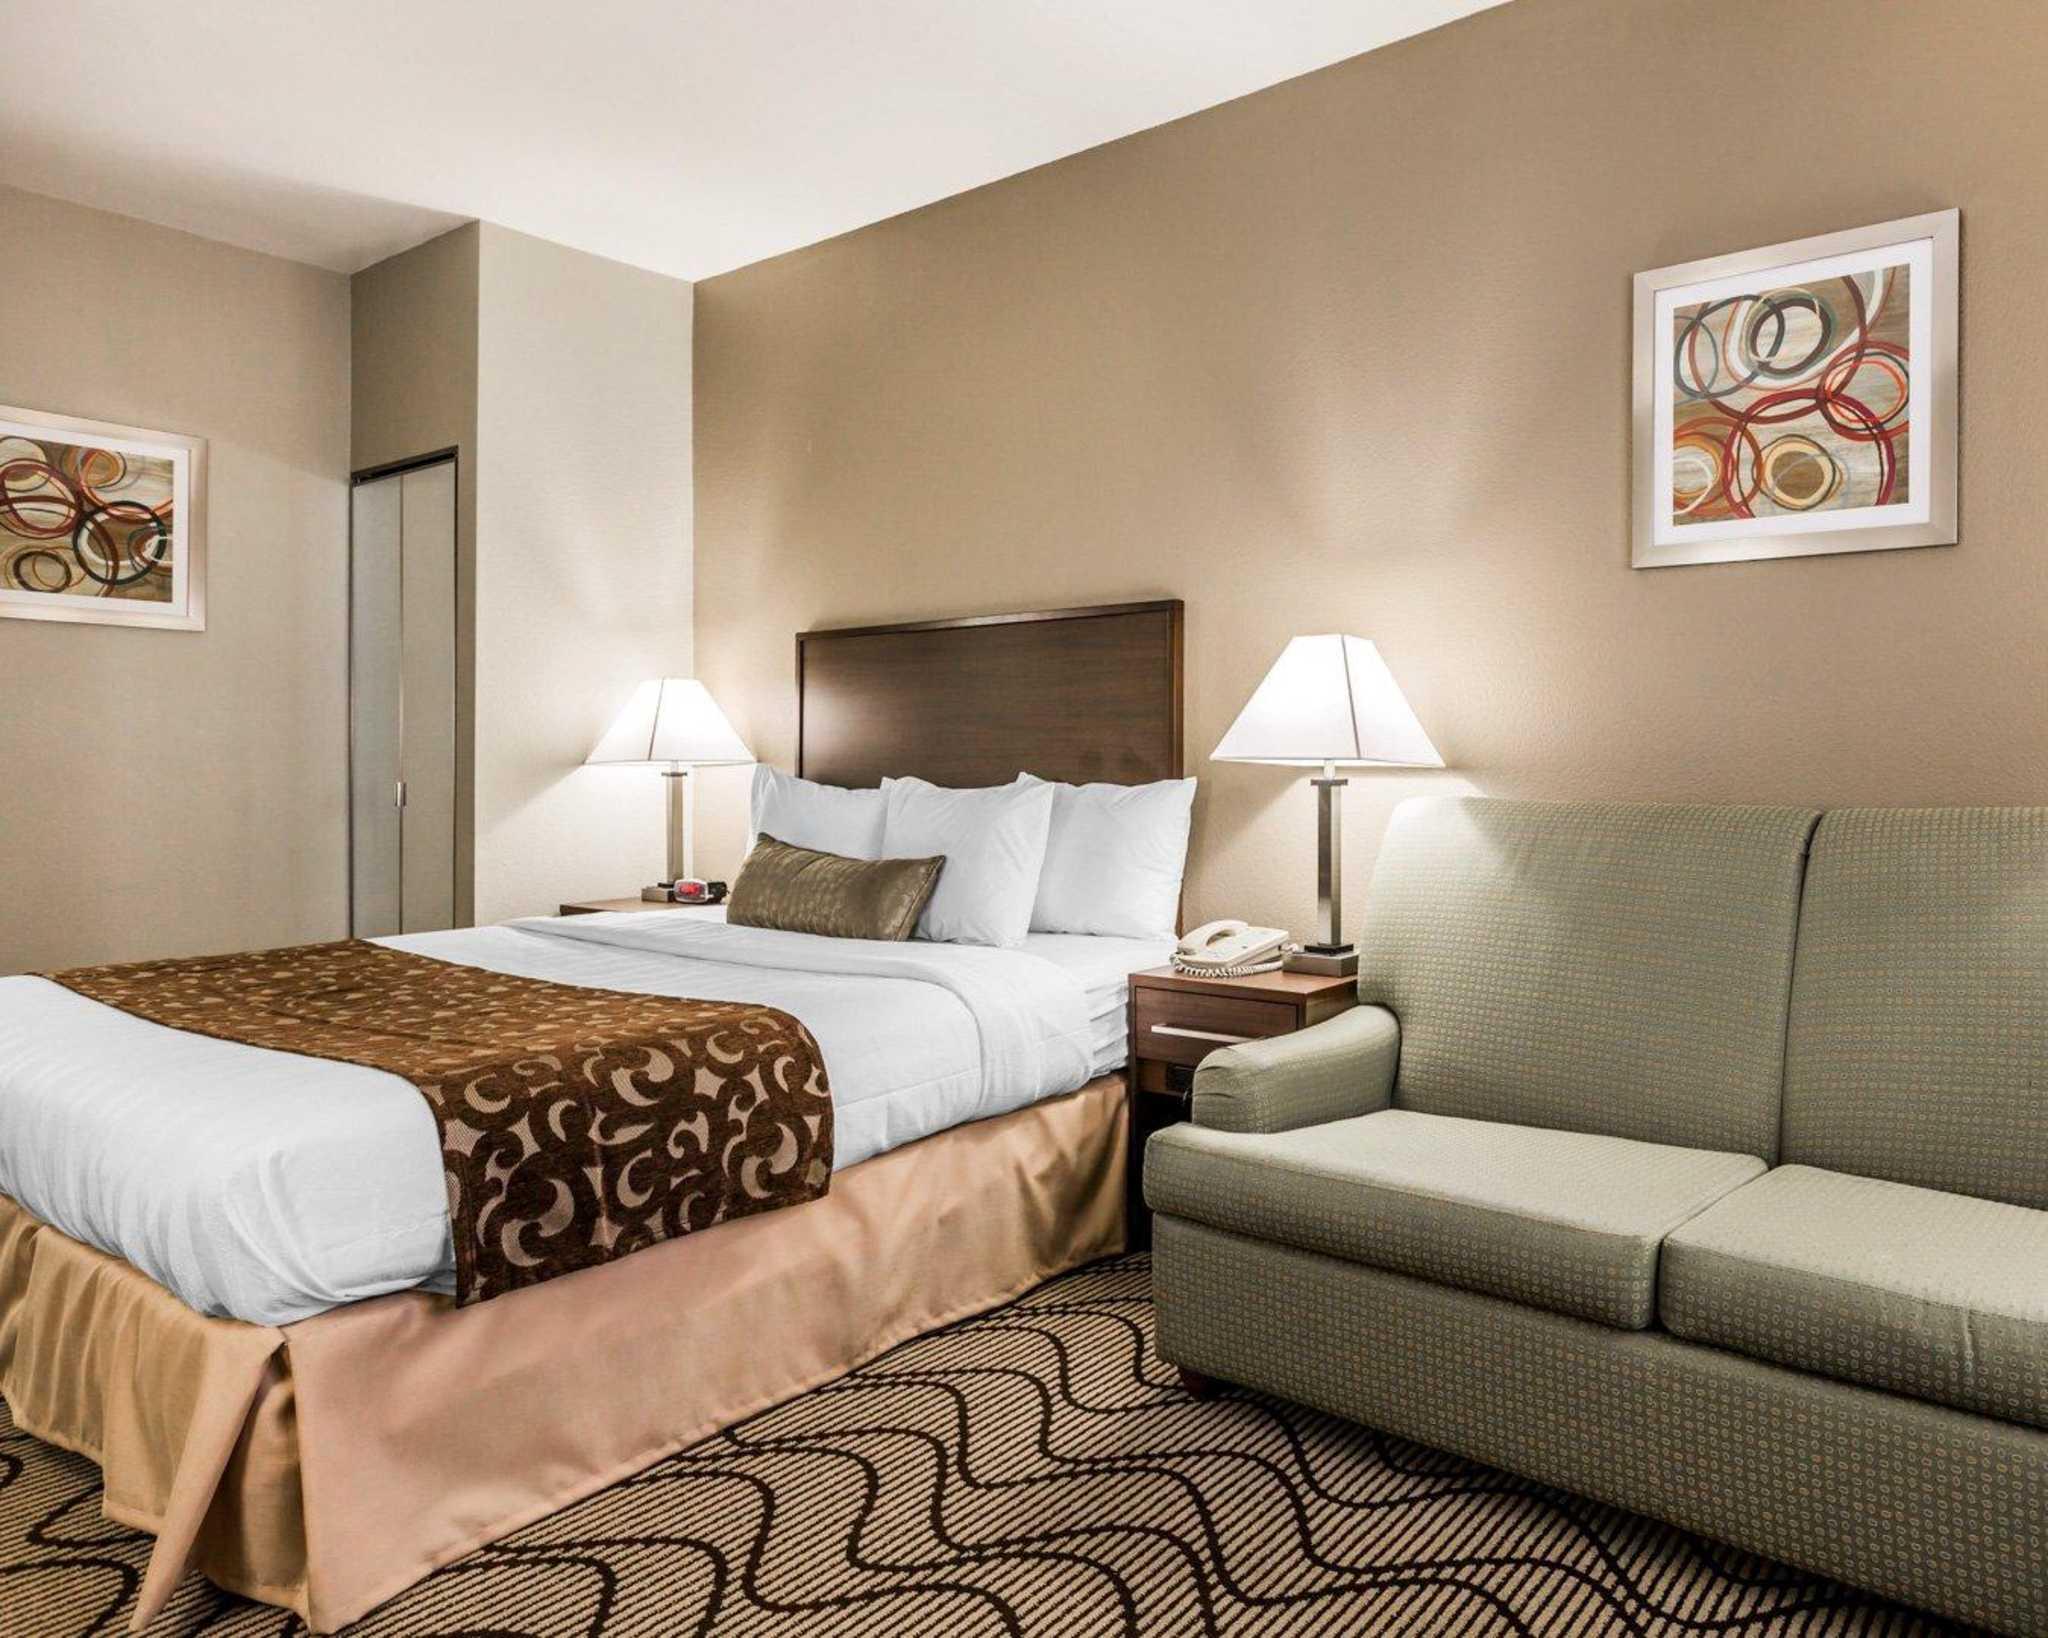 Comfort Inn & Suites Orange County John Wayne Airport image 15